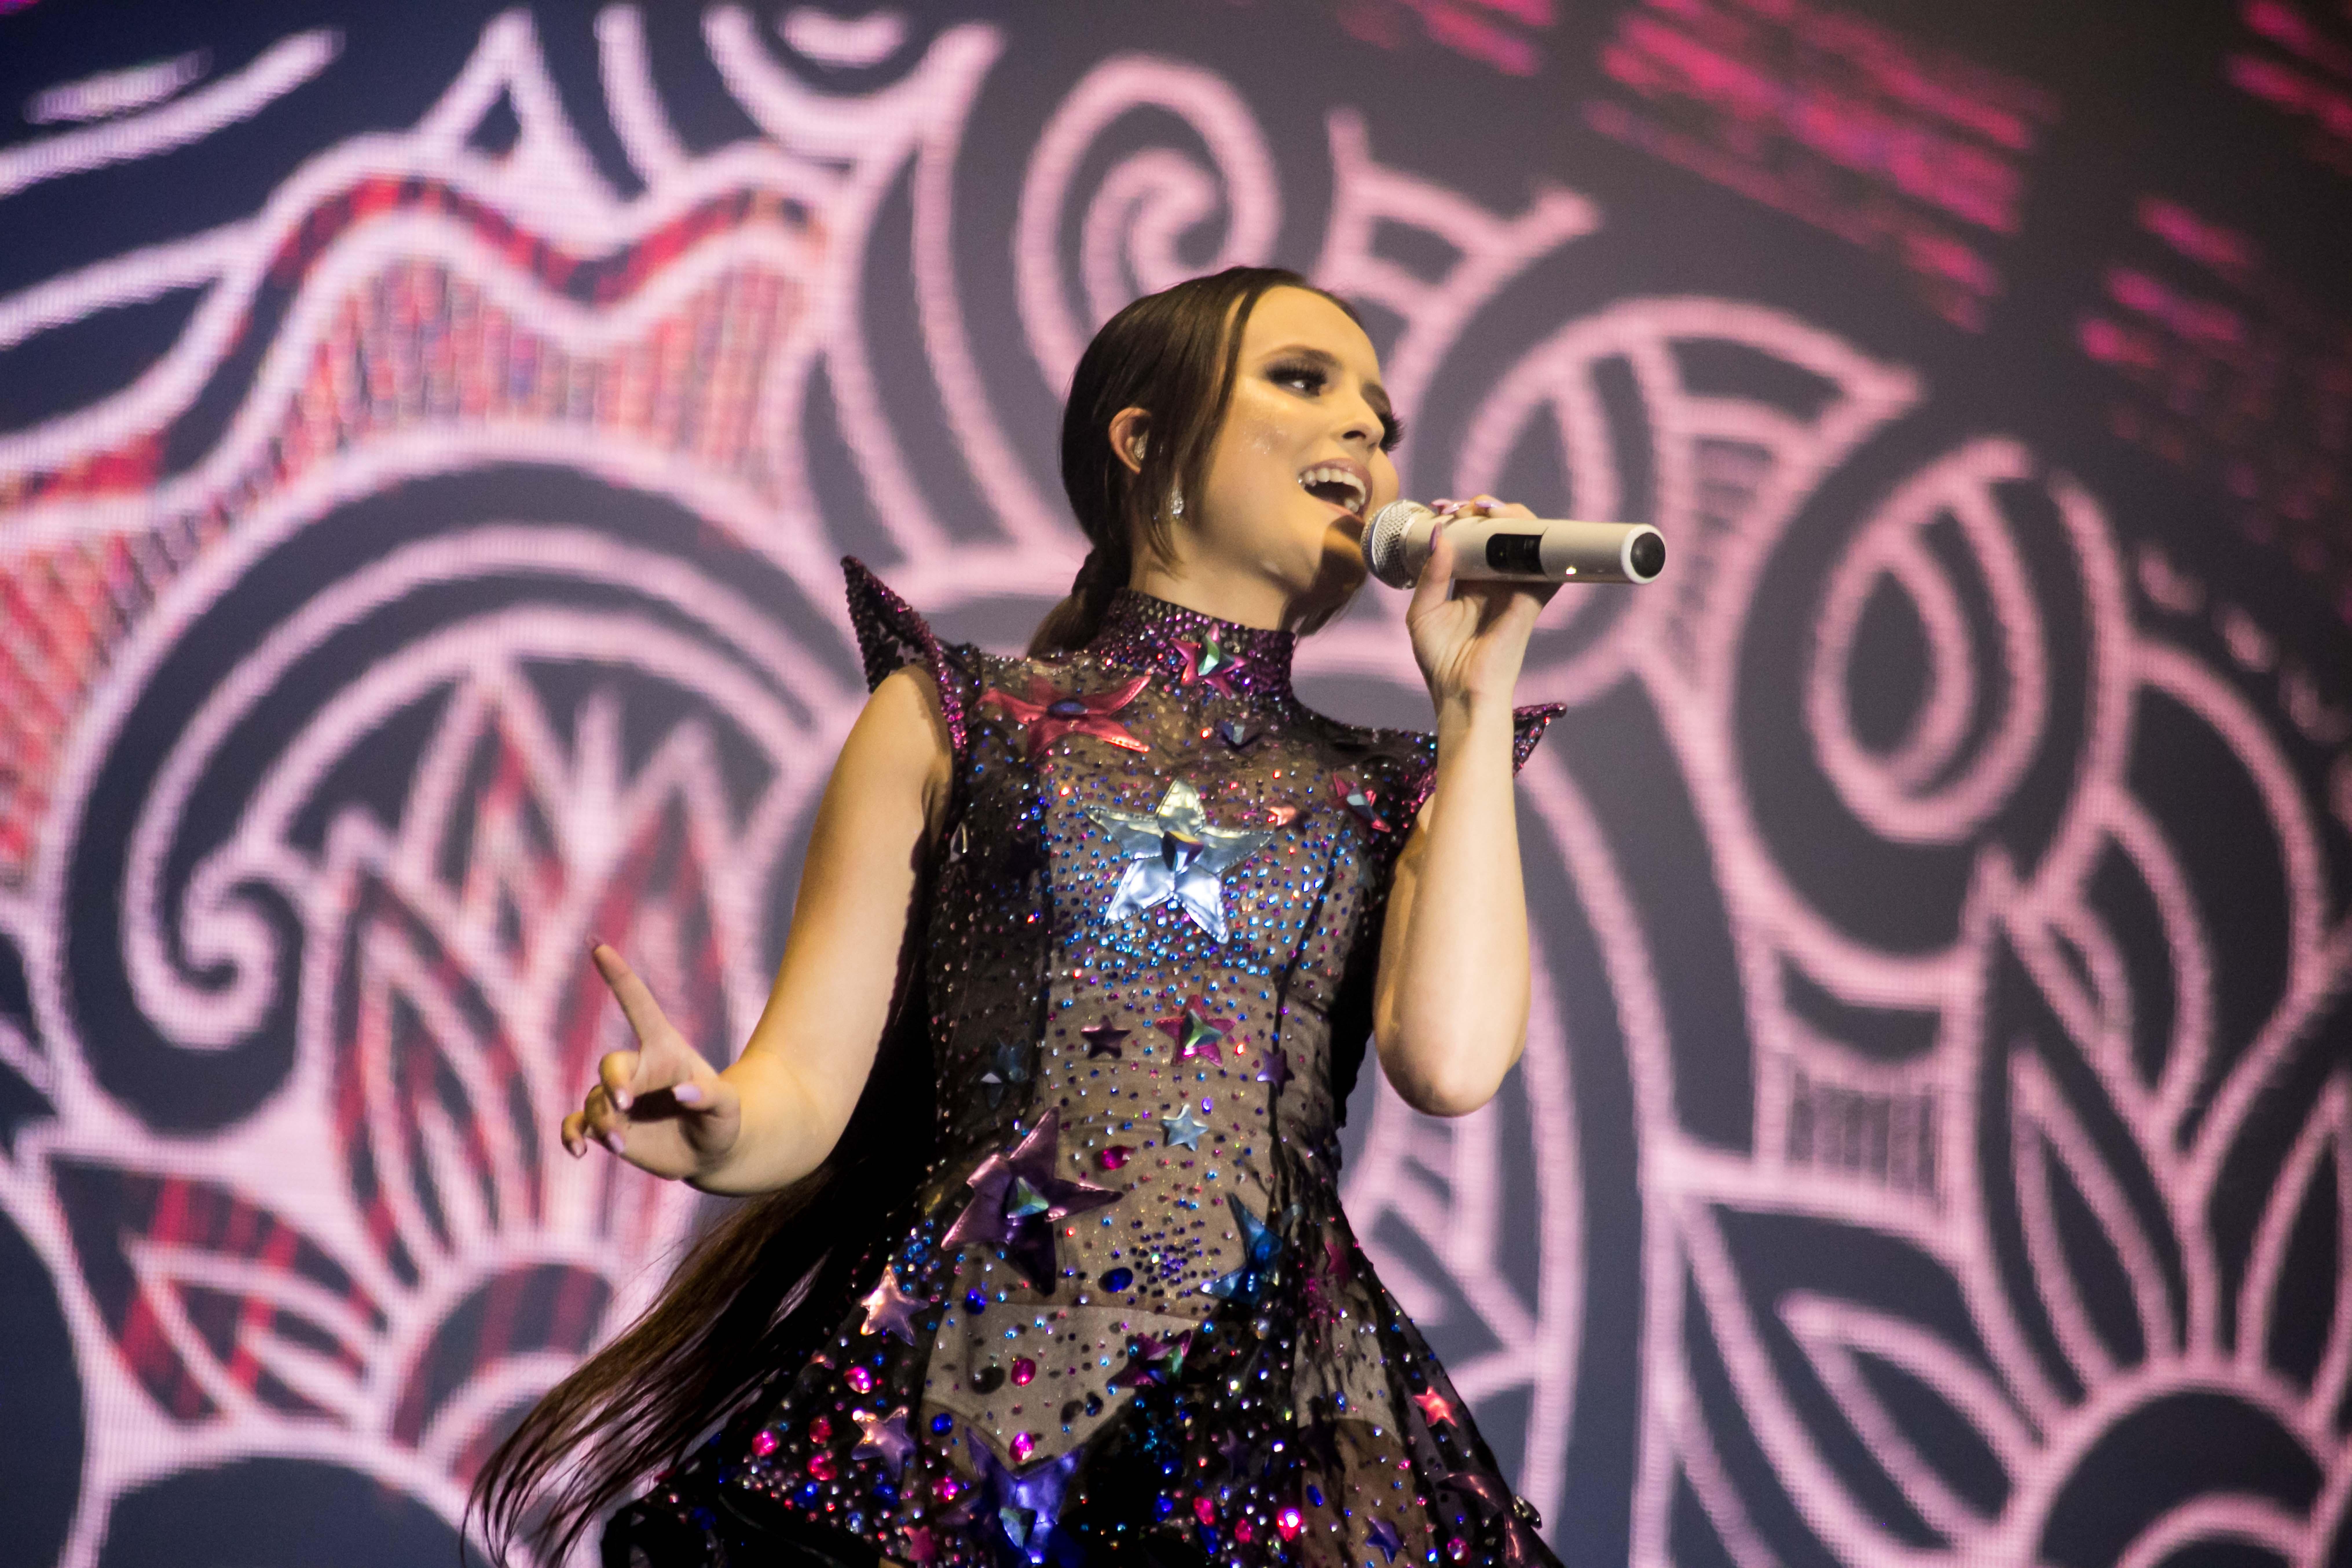 6df5377890cbd Estrela teen faz shows em Balneário Camboriú e Florianópolis durante as  férias